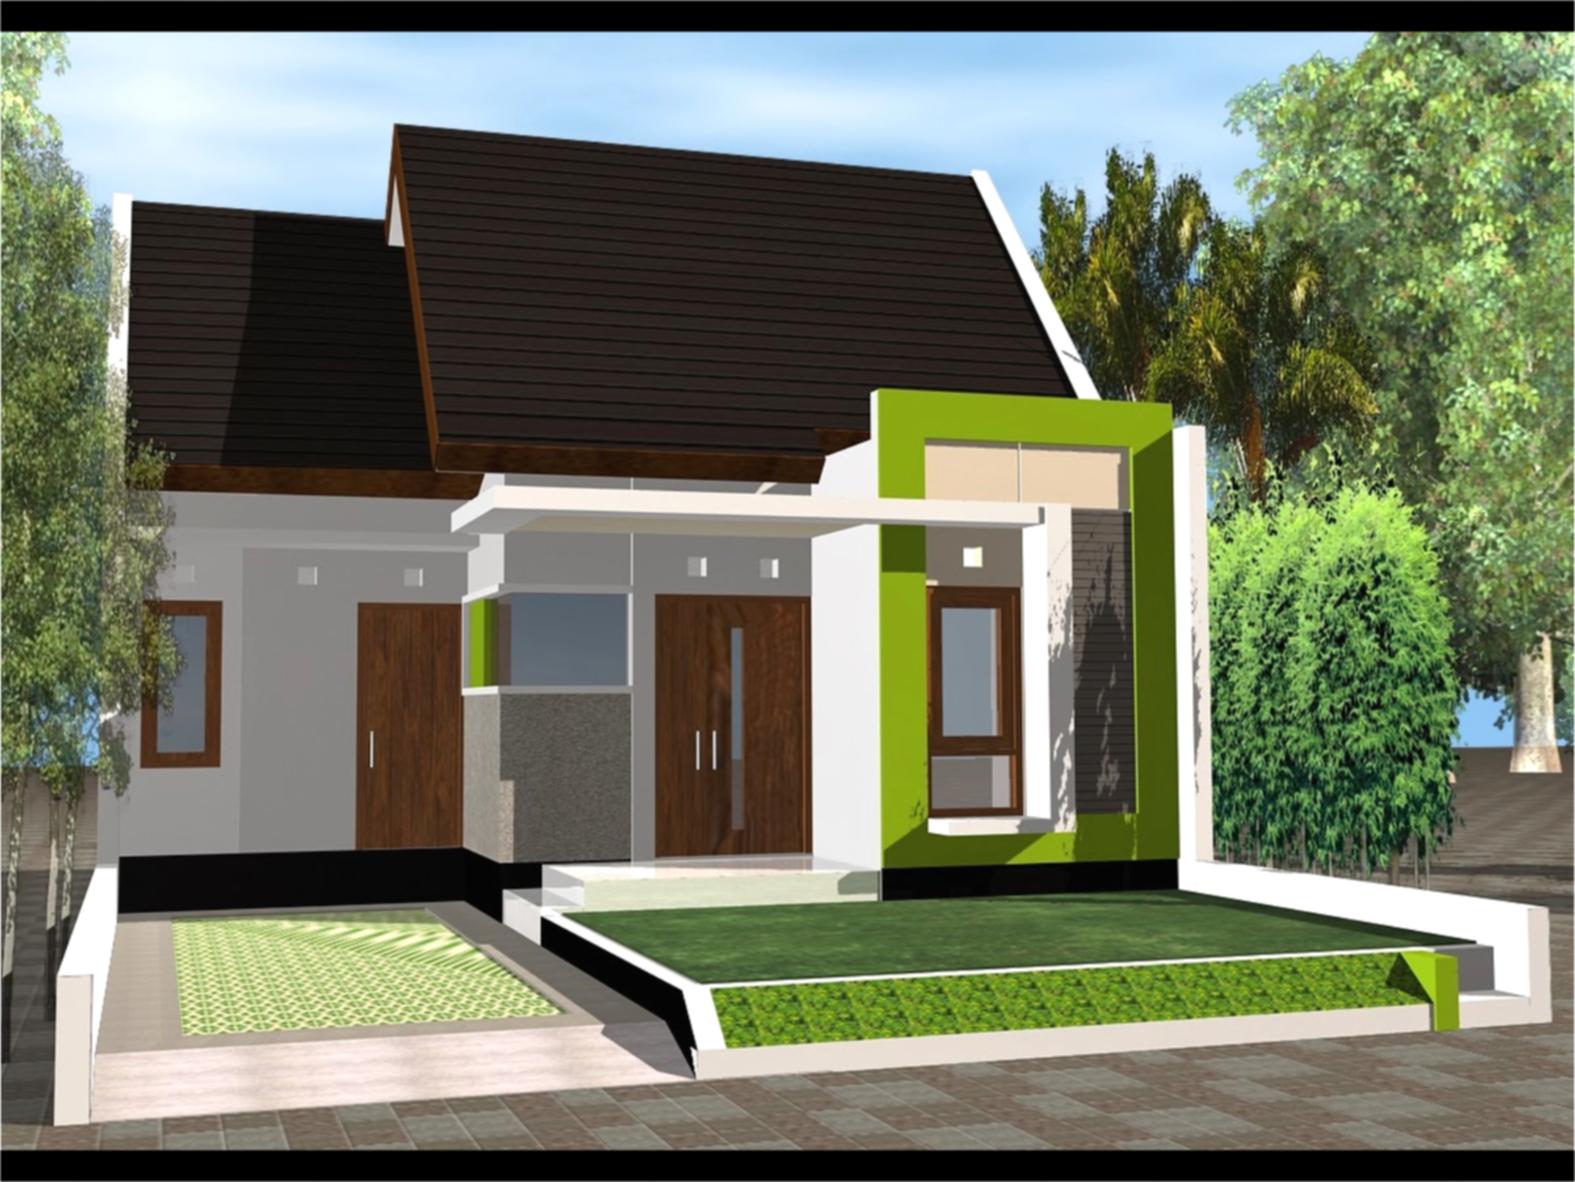 630+ Ide Desain Rumah Minimalis Yg Cantik Terbaik Unduh Gratis